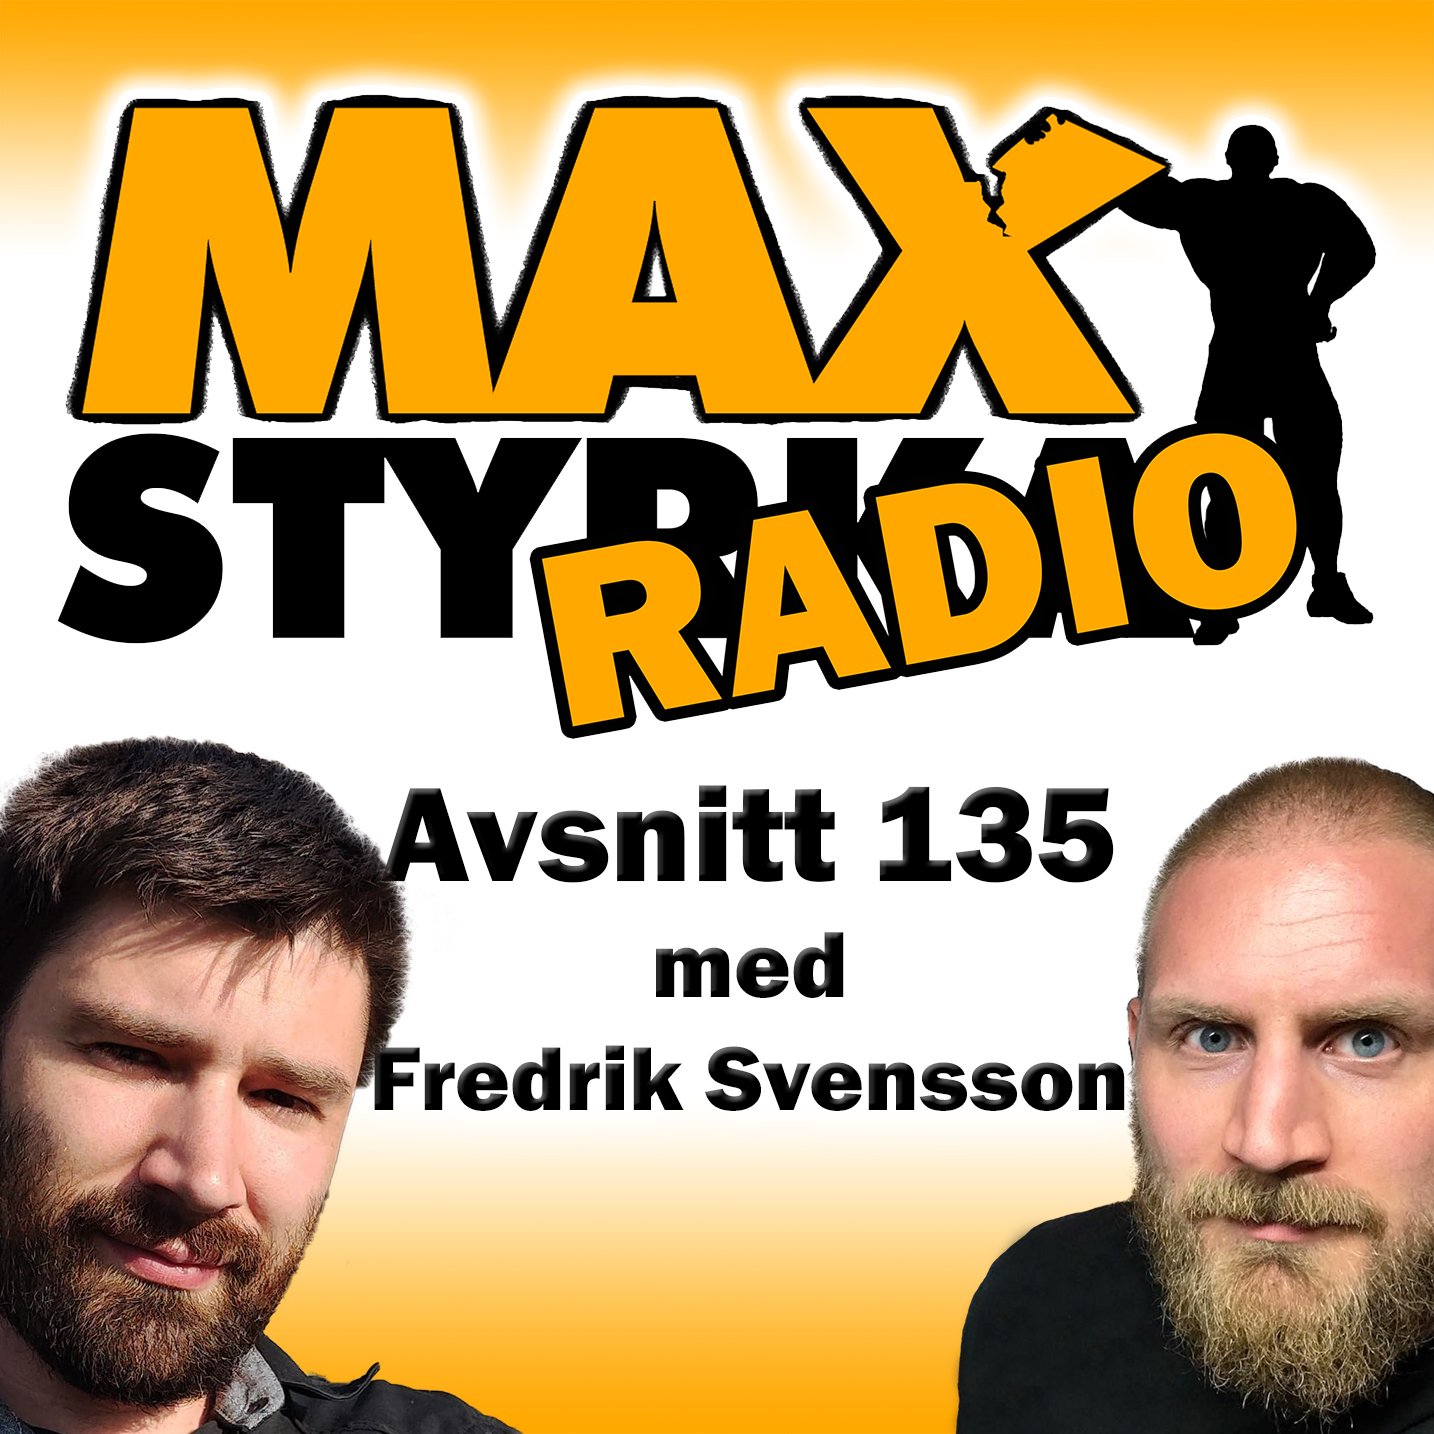 Avsnitt 135 - Fredrik Svensson show art